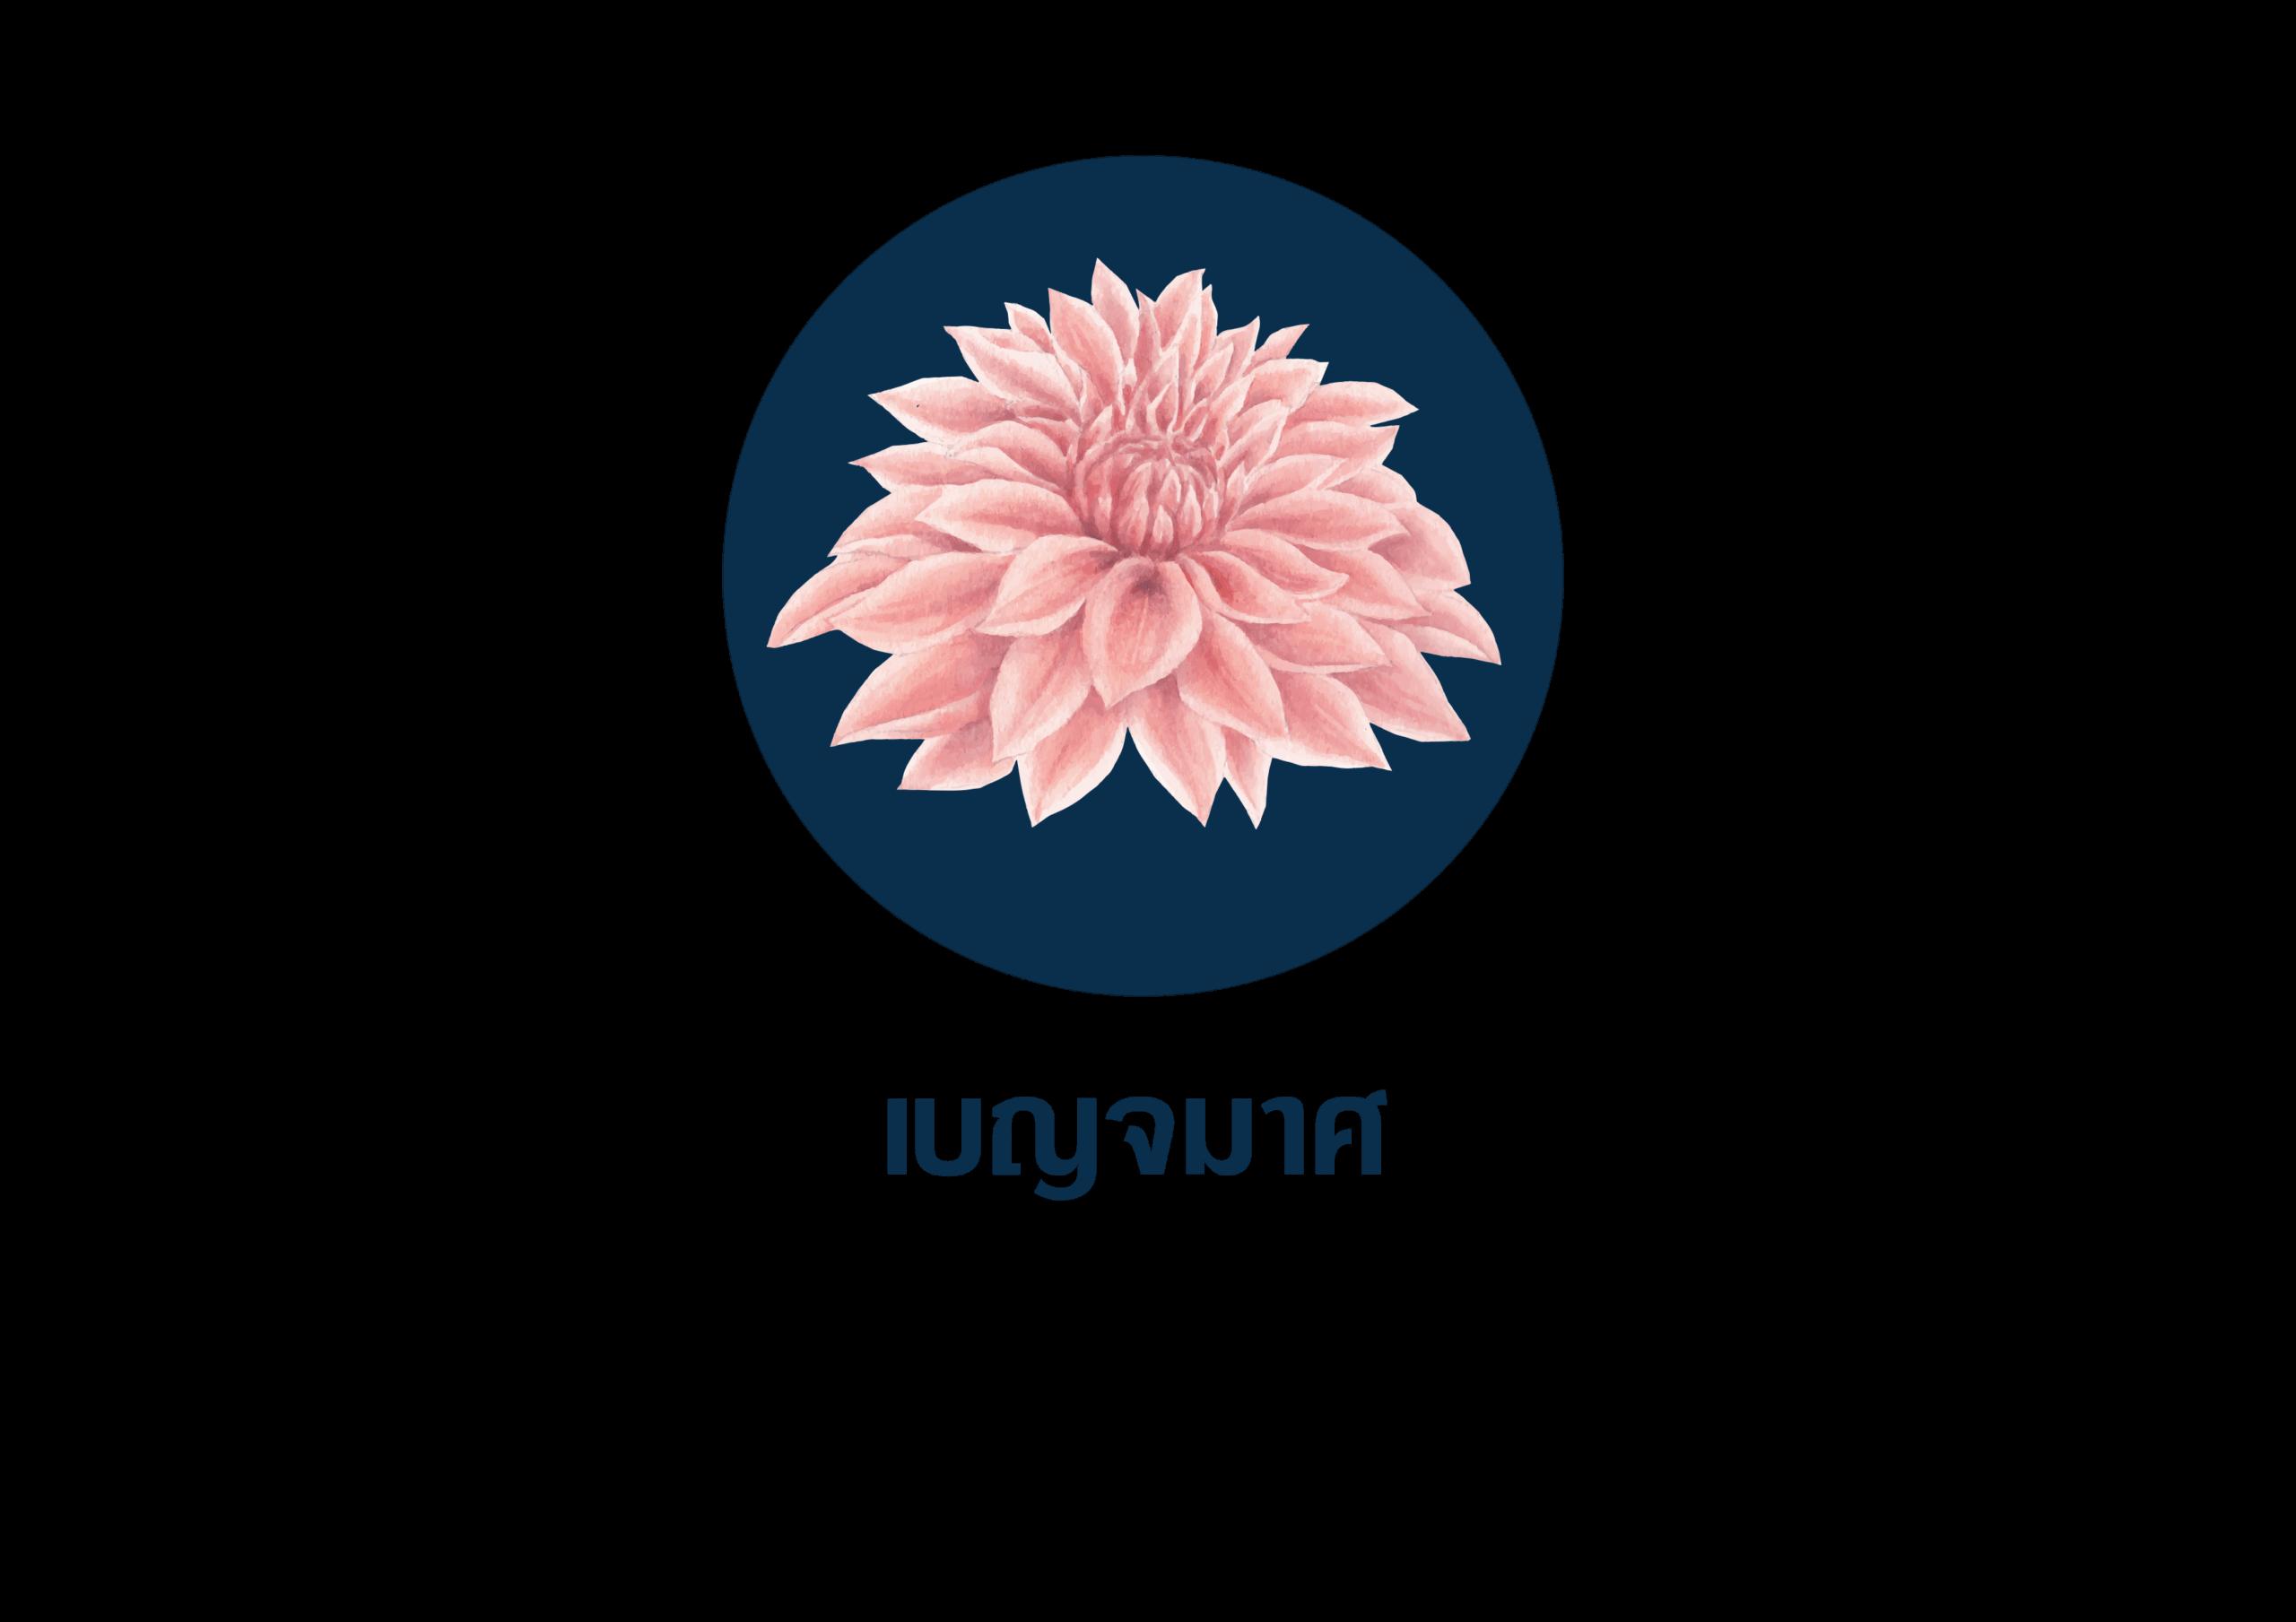 ดอกไม้ที่ใช้สำหรับจัดงานศพ 7